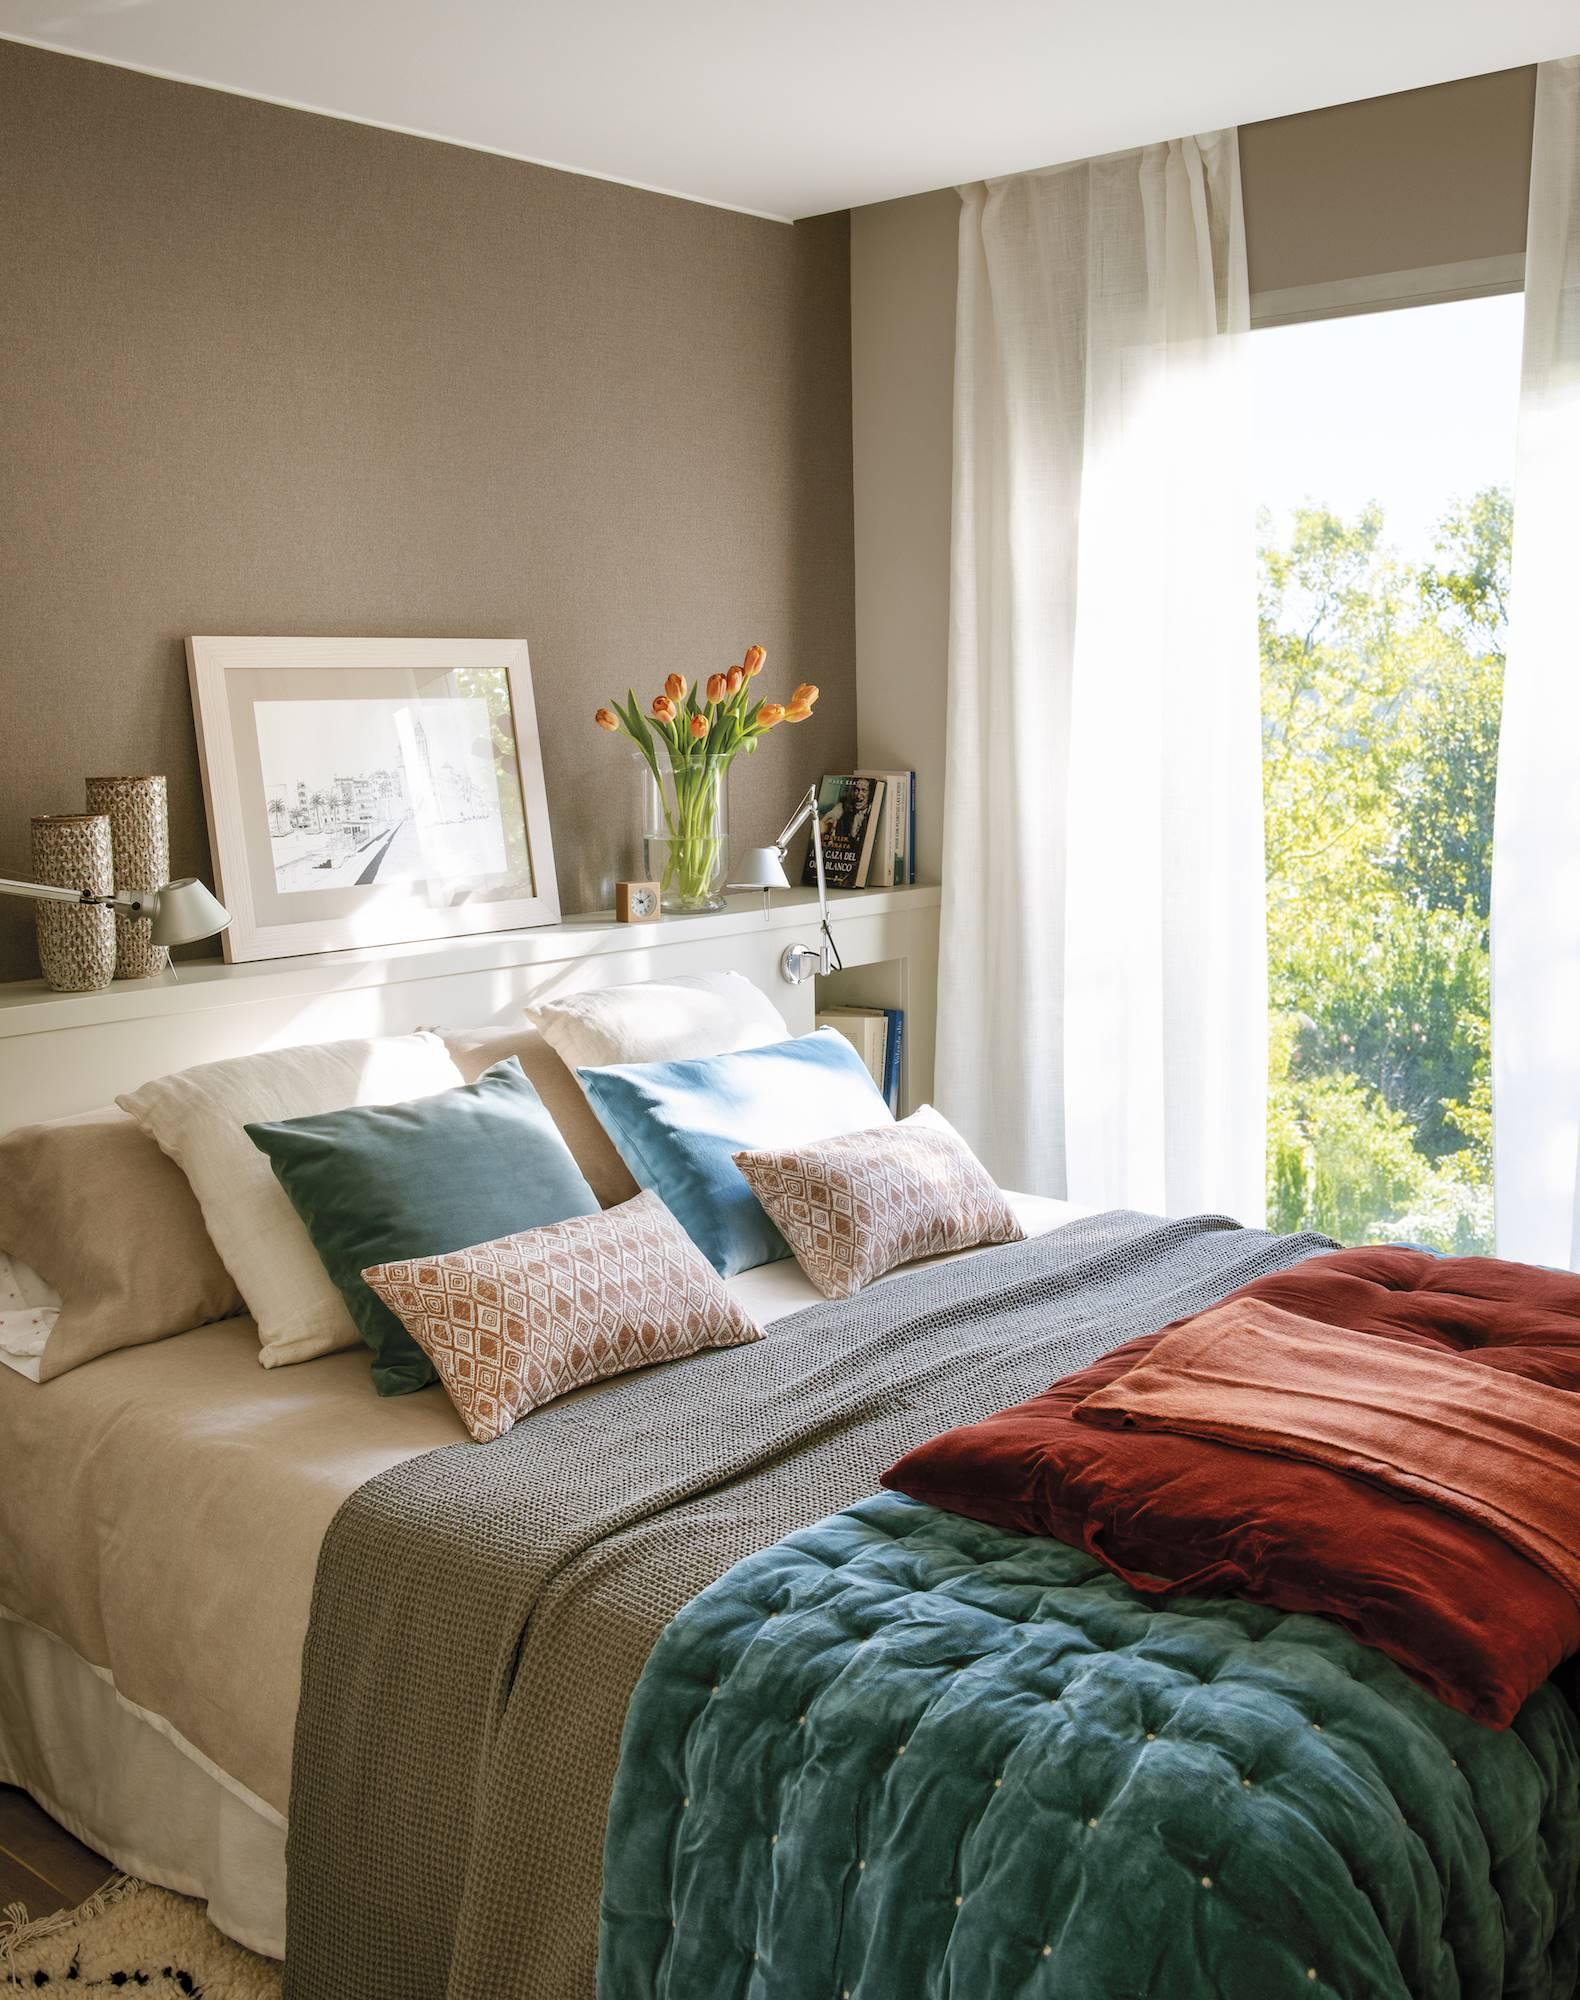 dormitorio marron con tercipelo azul y rojo00493824. Brave Ground, el color del año elegido por Behr Paint